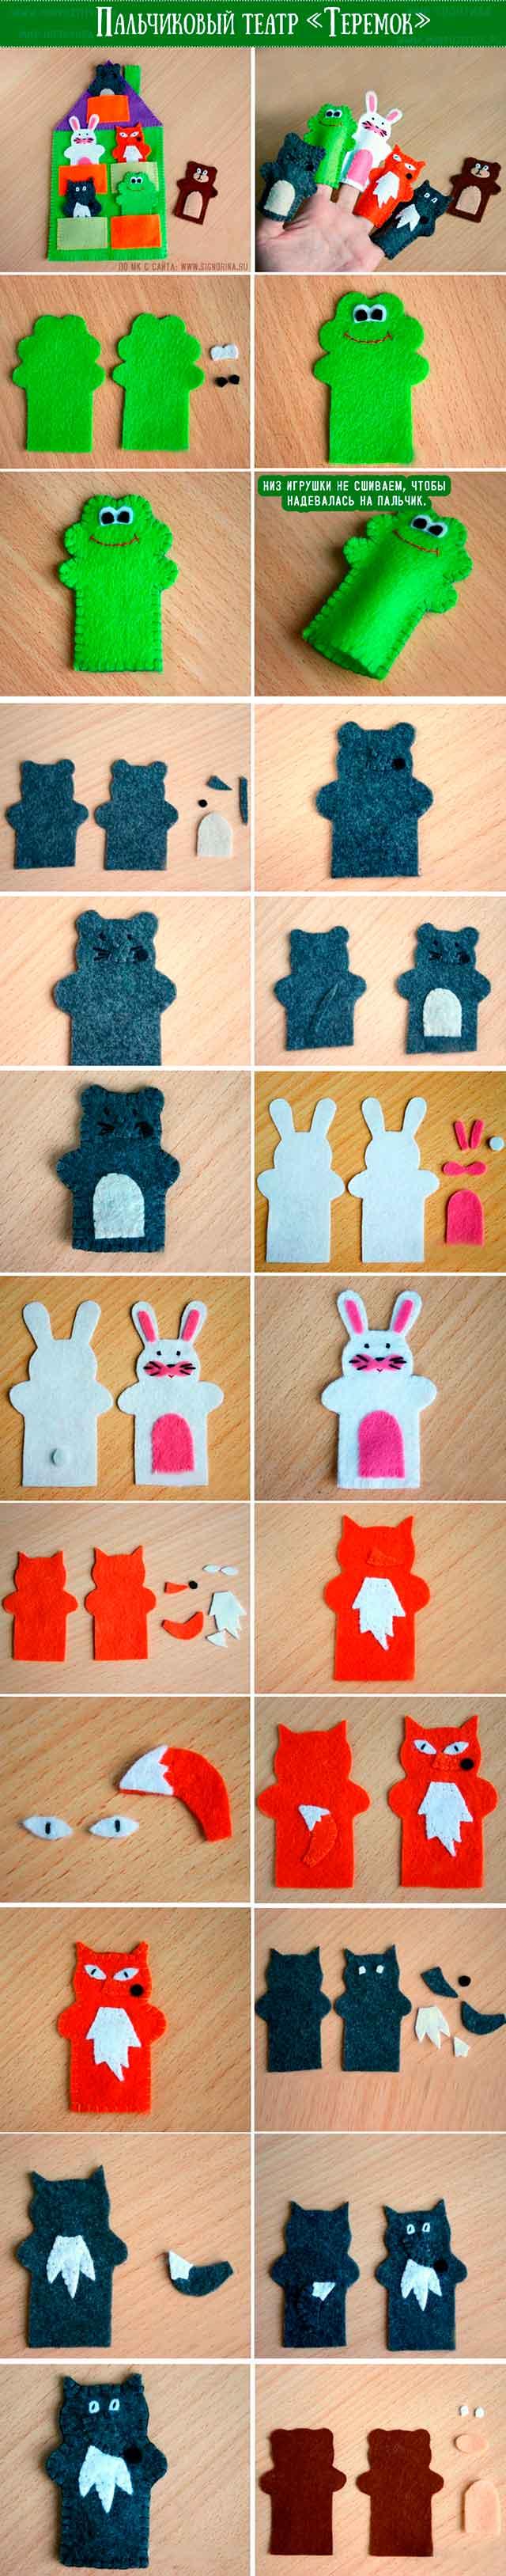 Выкройки для кукольного и пальчикового театра из фетра + шаблоны